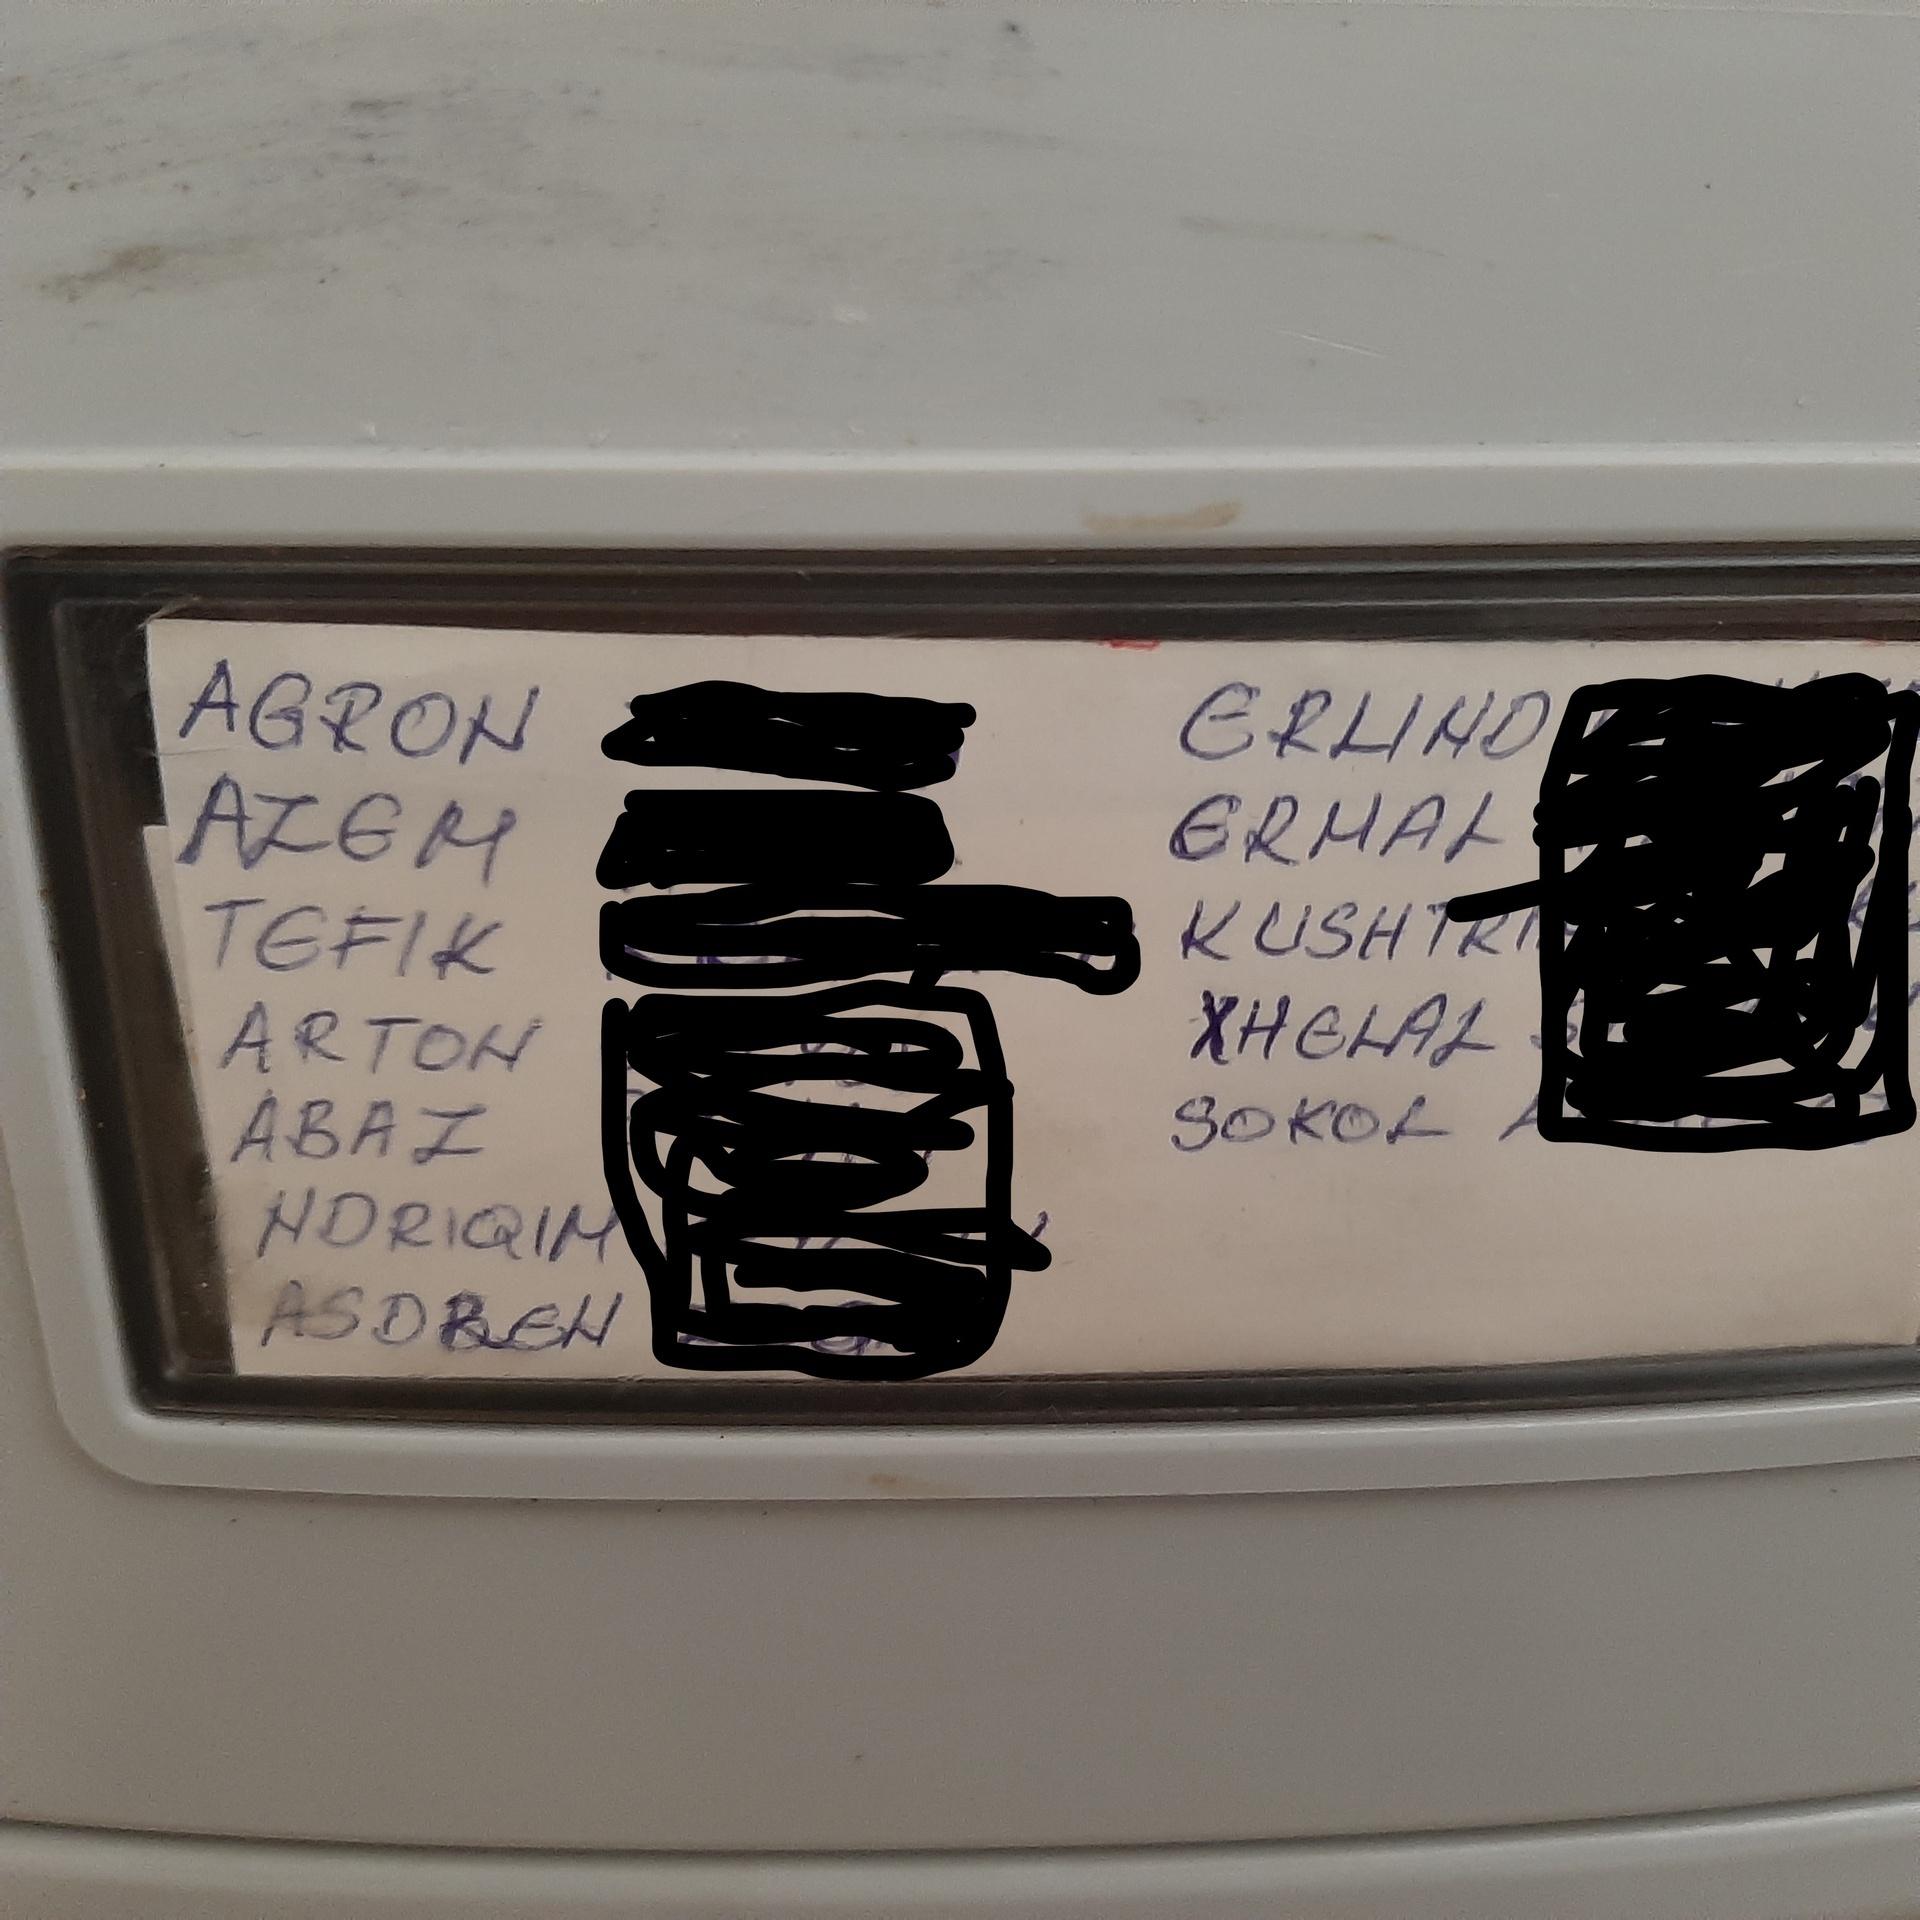 Del seznama stanovalcev Stritarjeve 8 na poštnem nabiralniku.